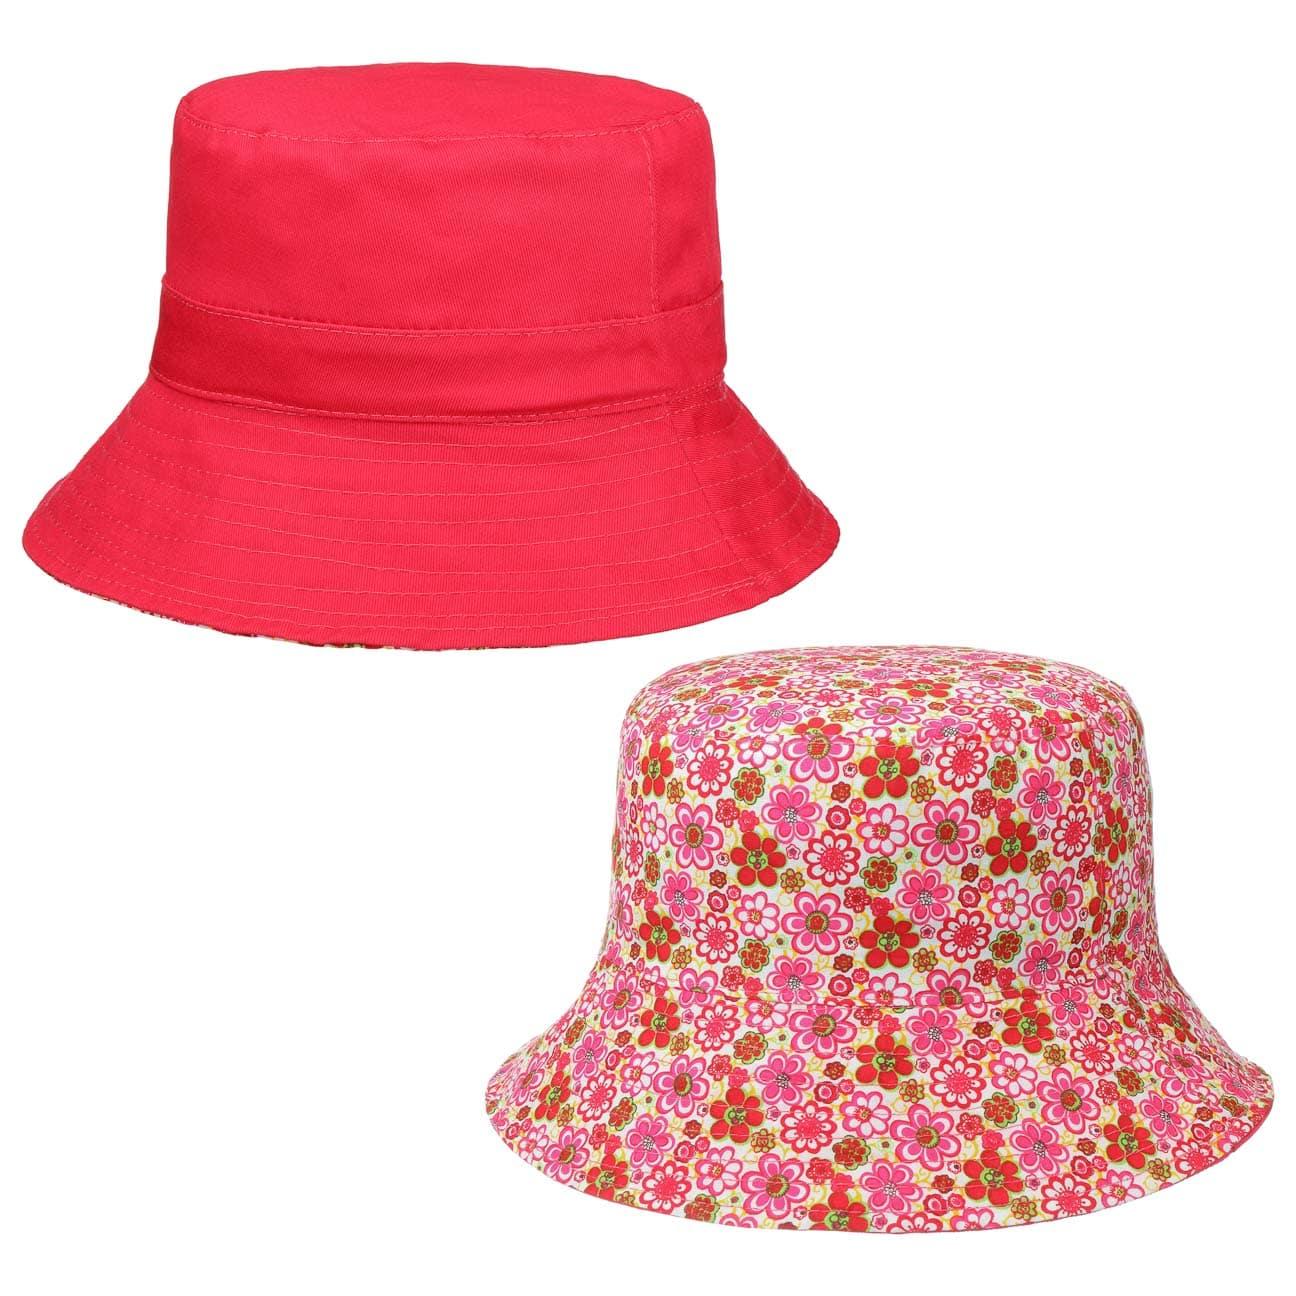 Chapeau Réversible Uni avec Fleurs by McBURN  chapeau pour le jardin